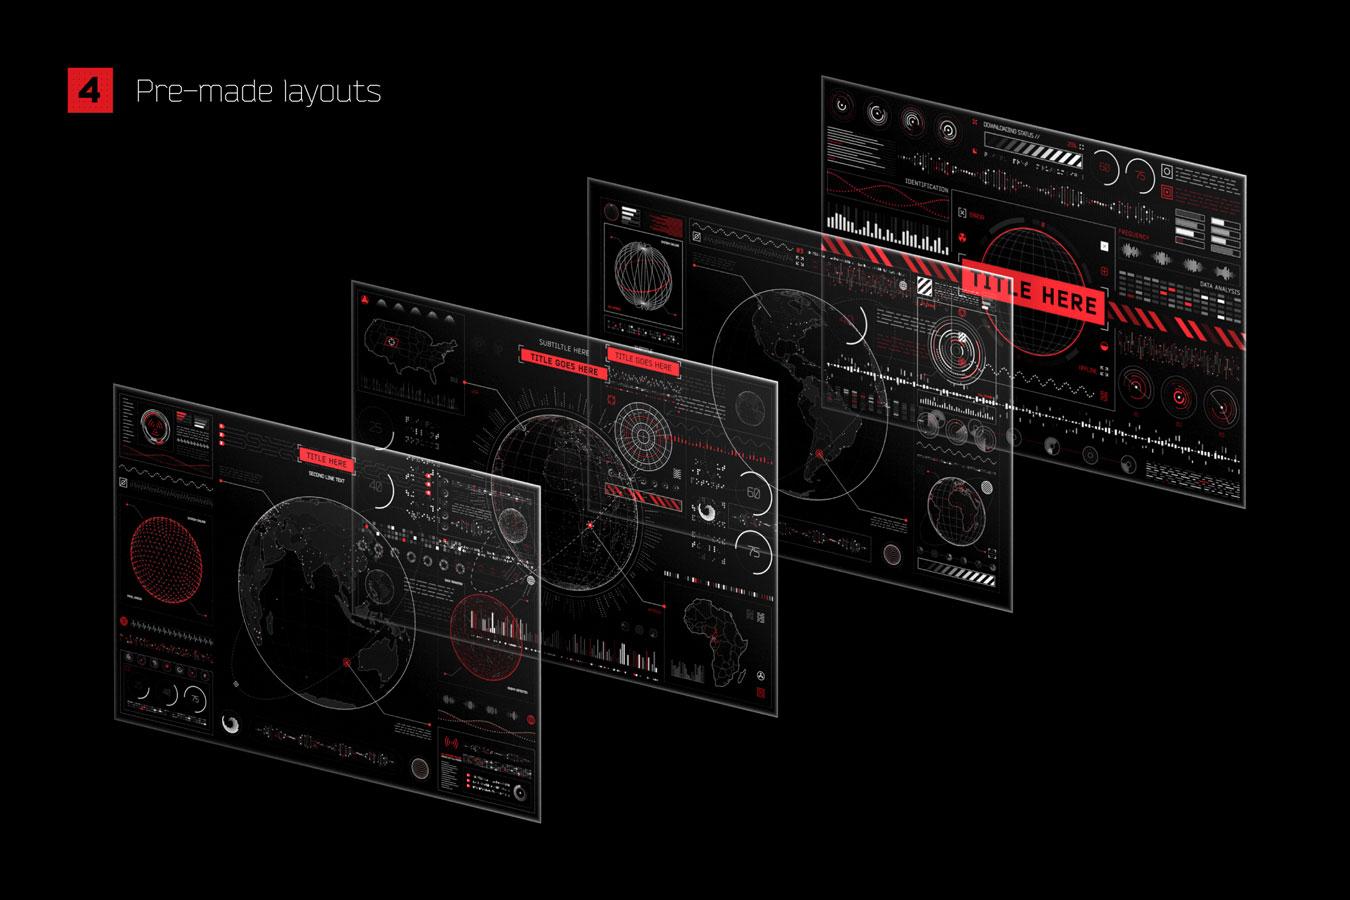 超炫酷科幻航空航天数据信息HUD仪表盘UI设计模板套件 Futuristic UI Kit • 200+ Design Elements插图(1)